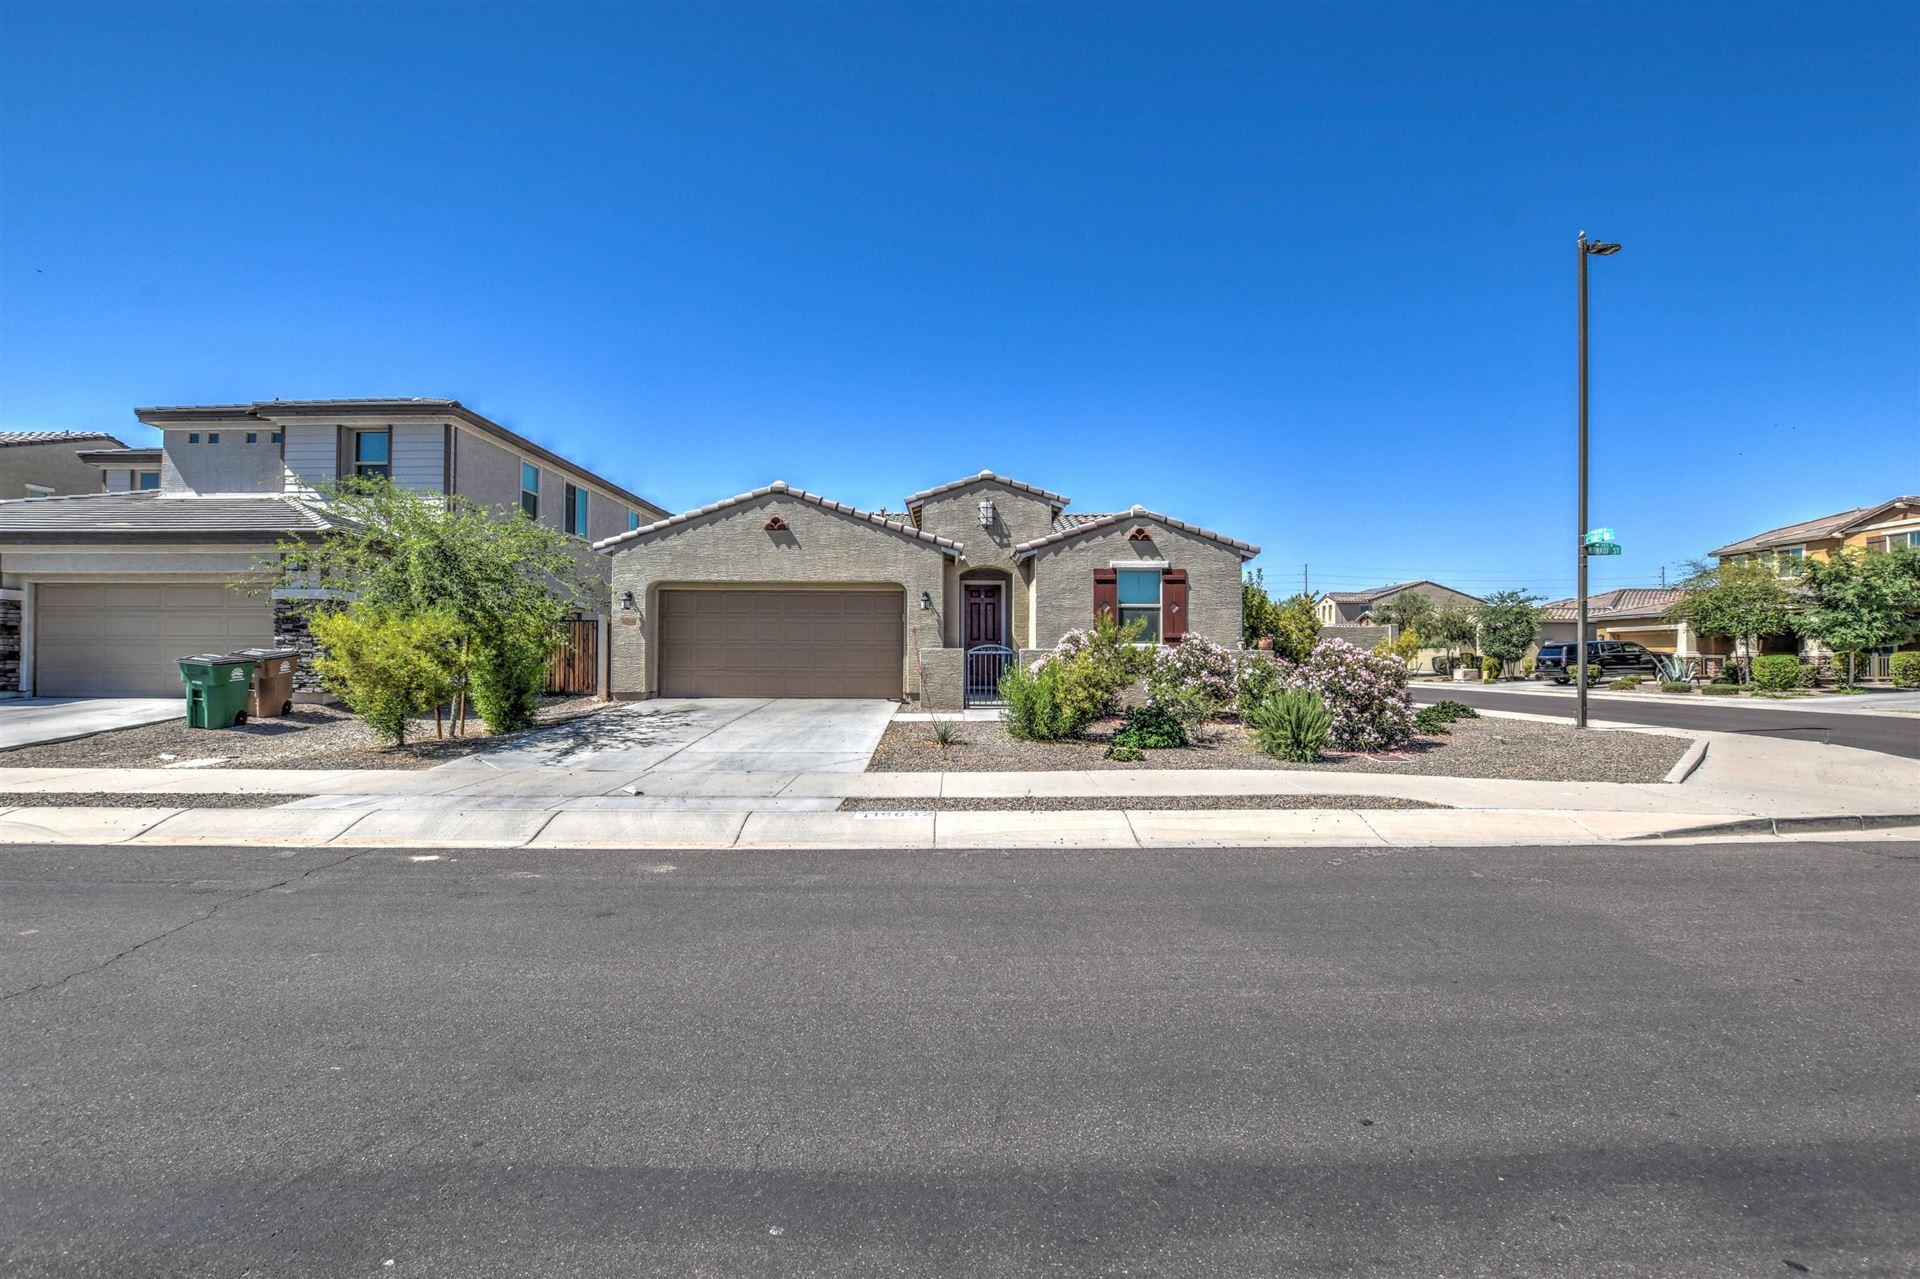 16832 W MONROE Street, Goodyear, AZ 85338 - MLS#: 6235460